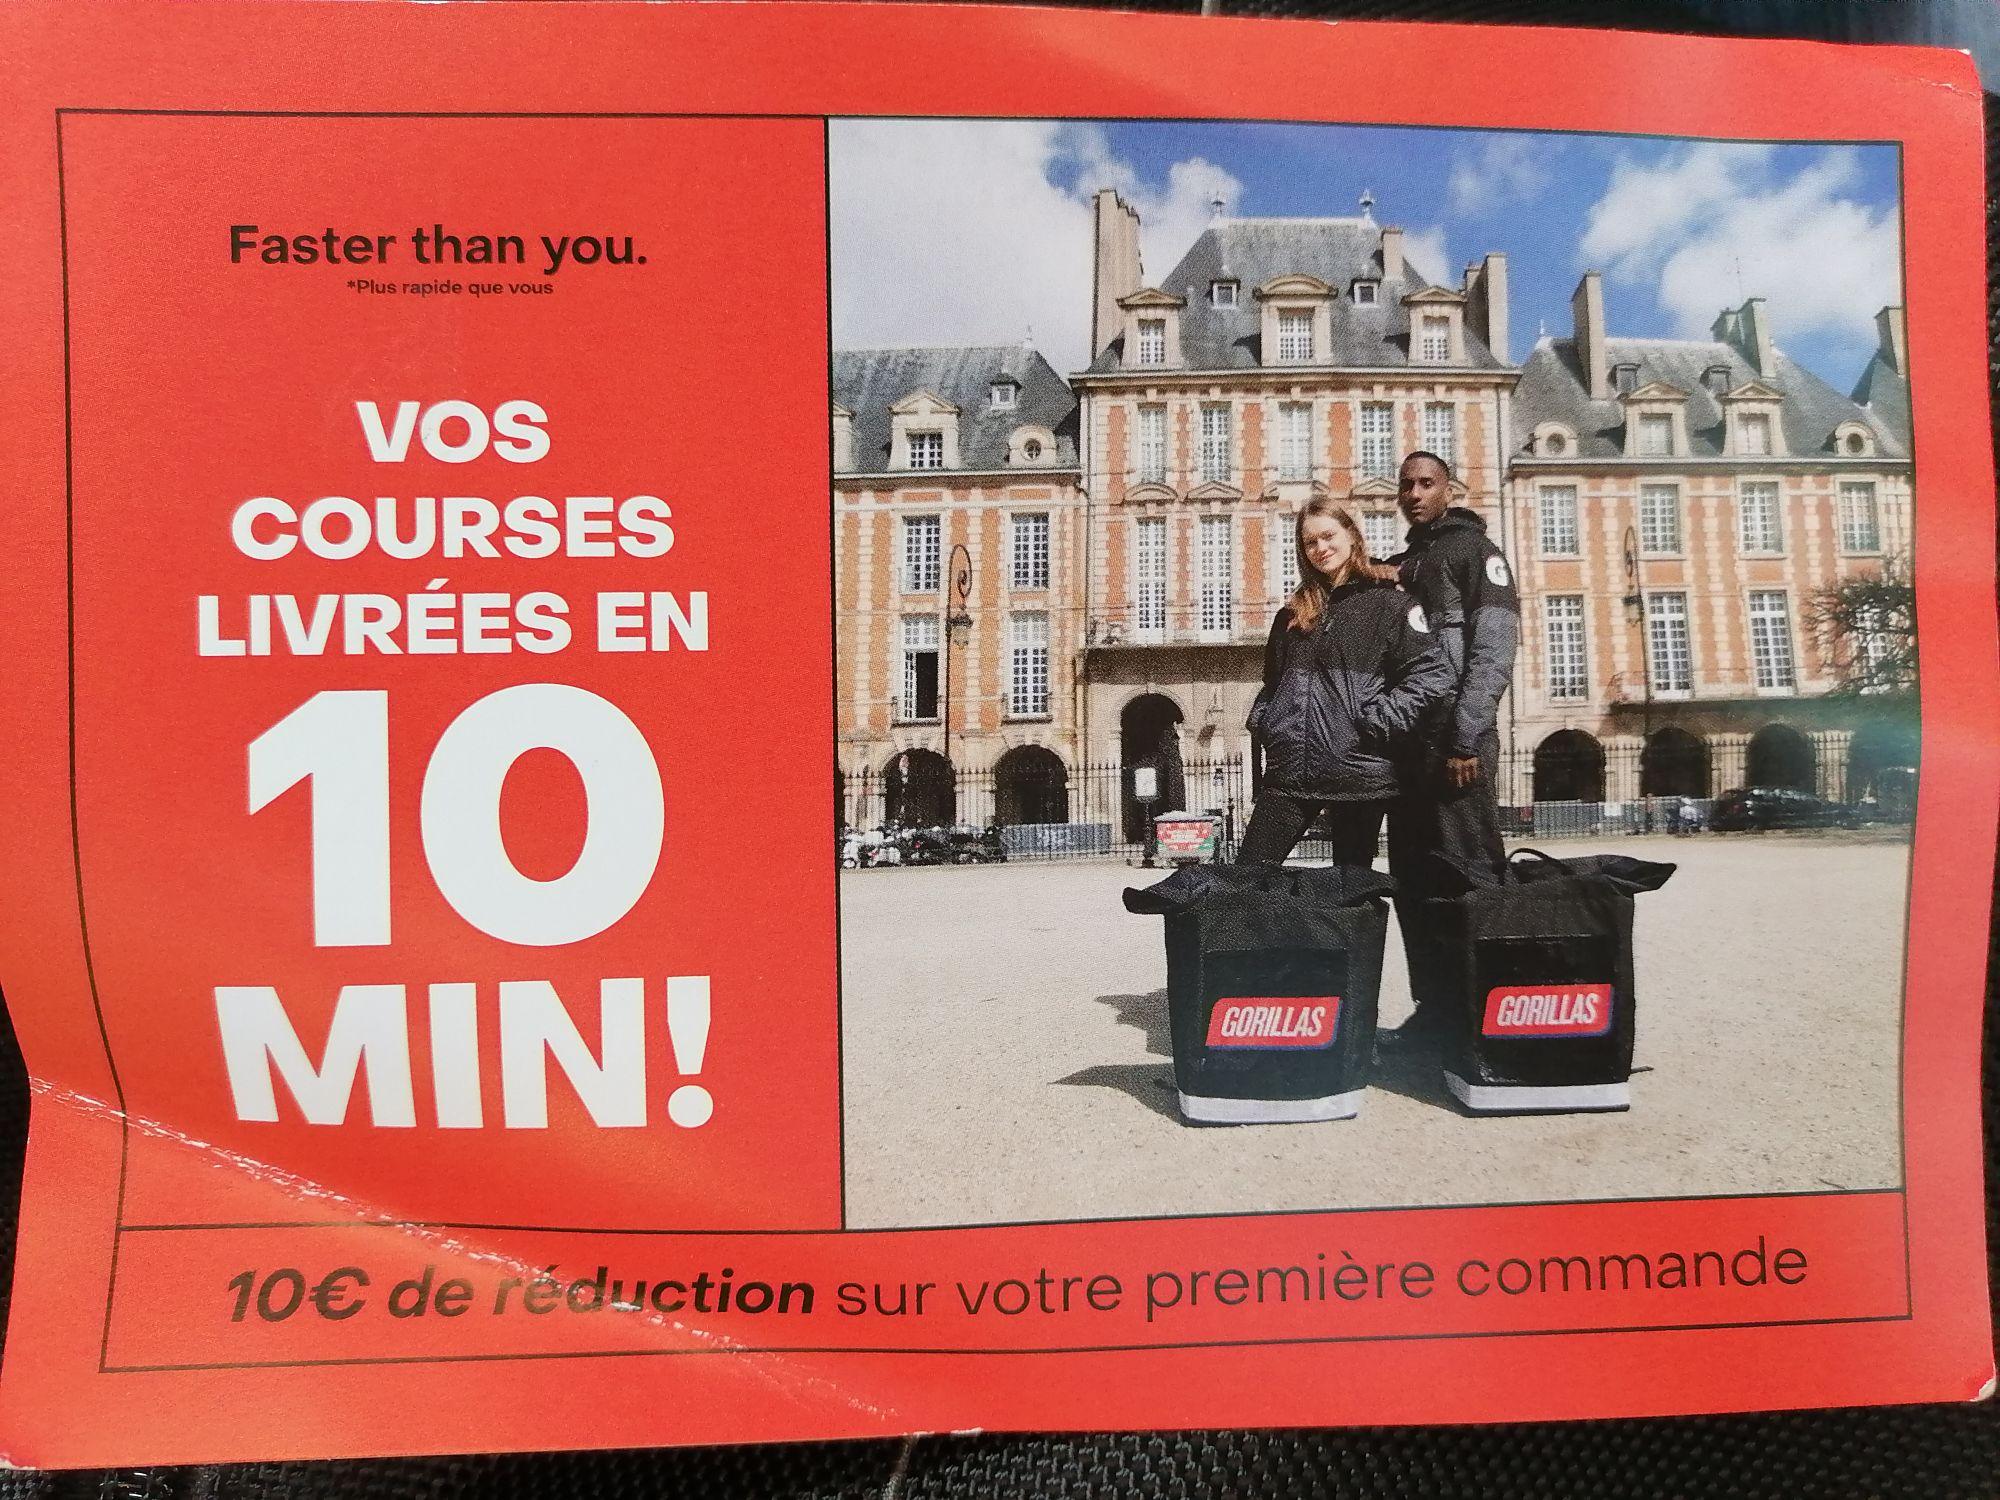 [Nouveaux clients] 10€ de réduction sur 1ère commande (Application Gorillas.io) - Paris (75)